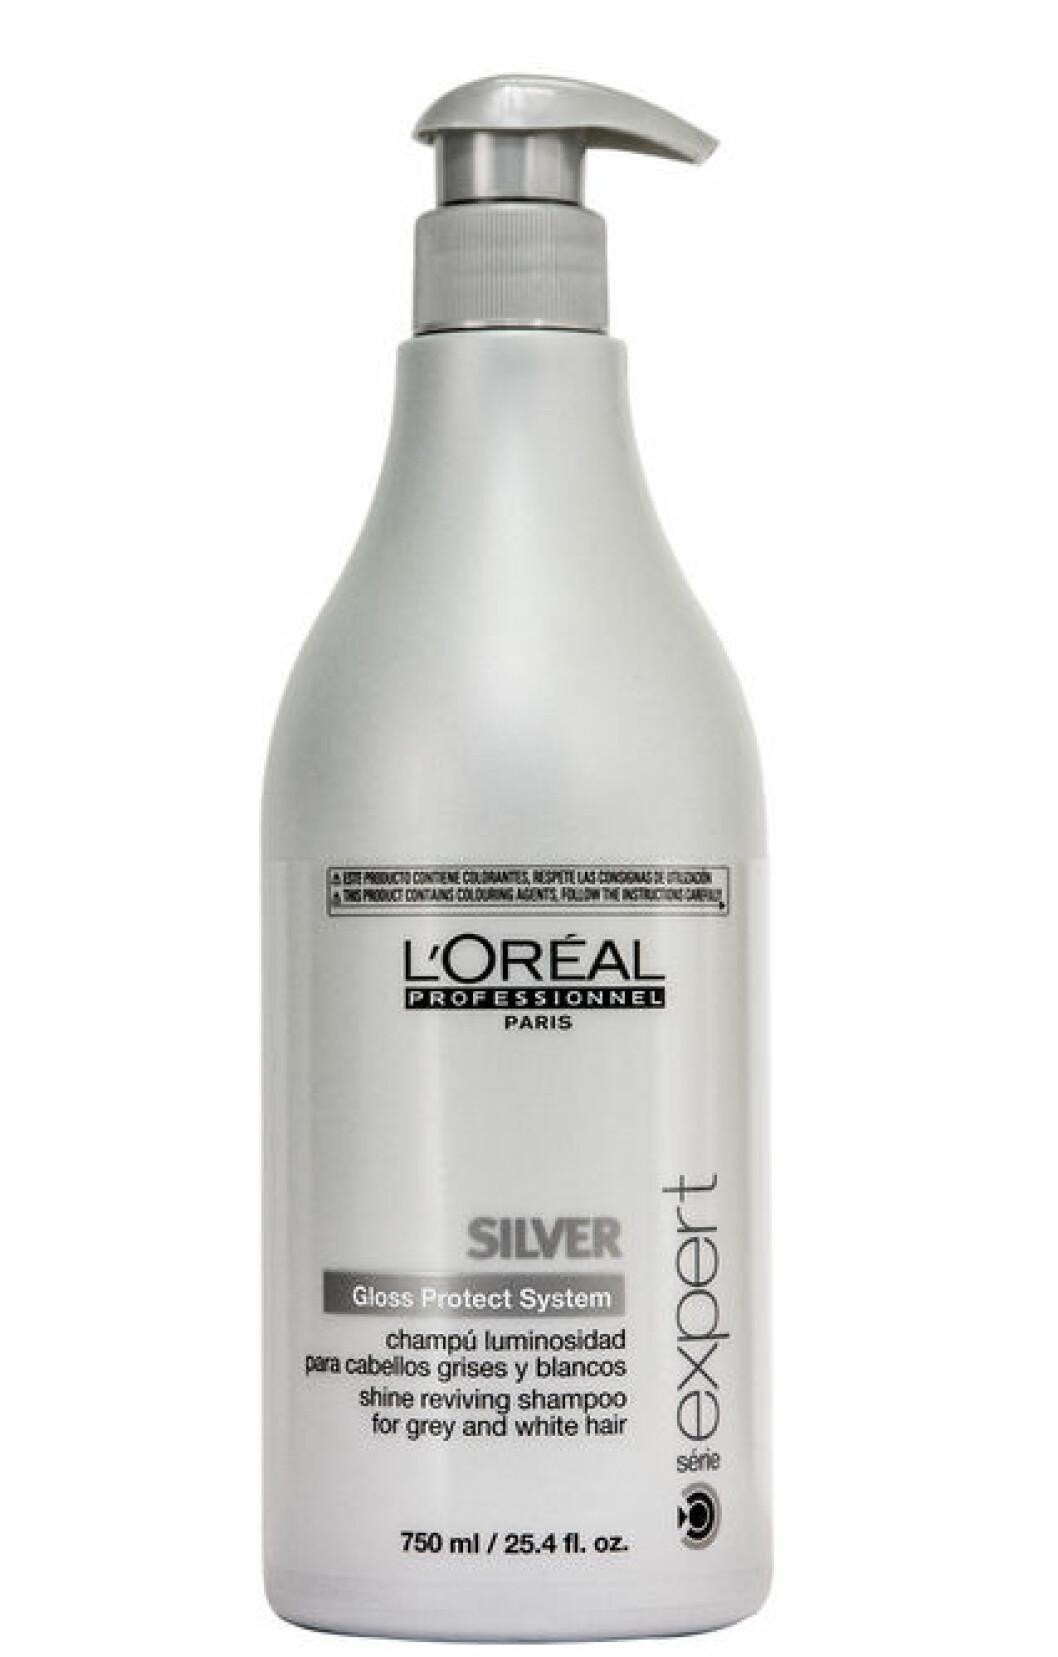 L'Oréal silverschampo